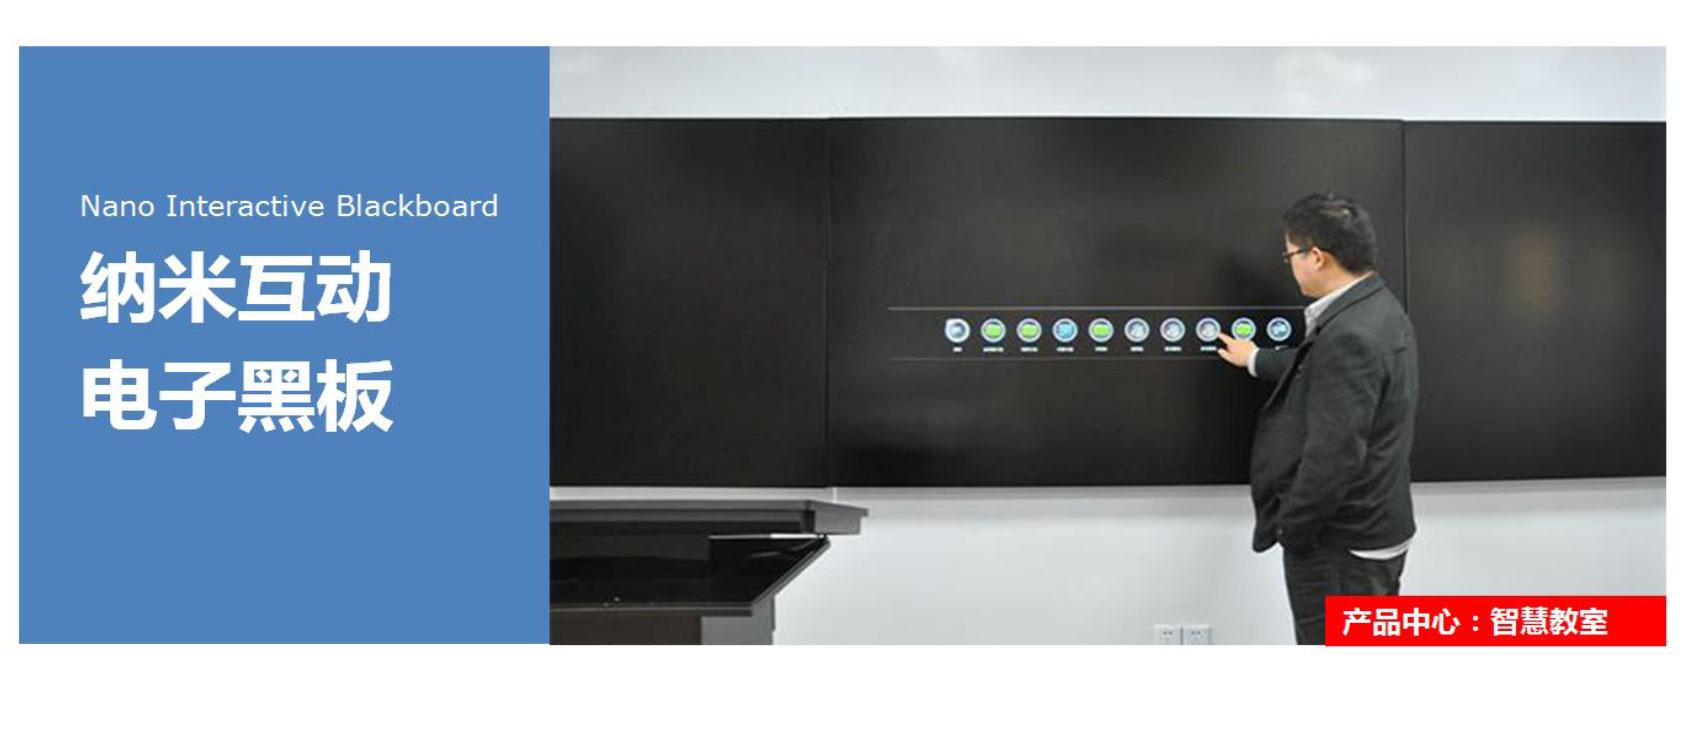 纳米互动电子黑板